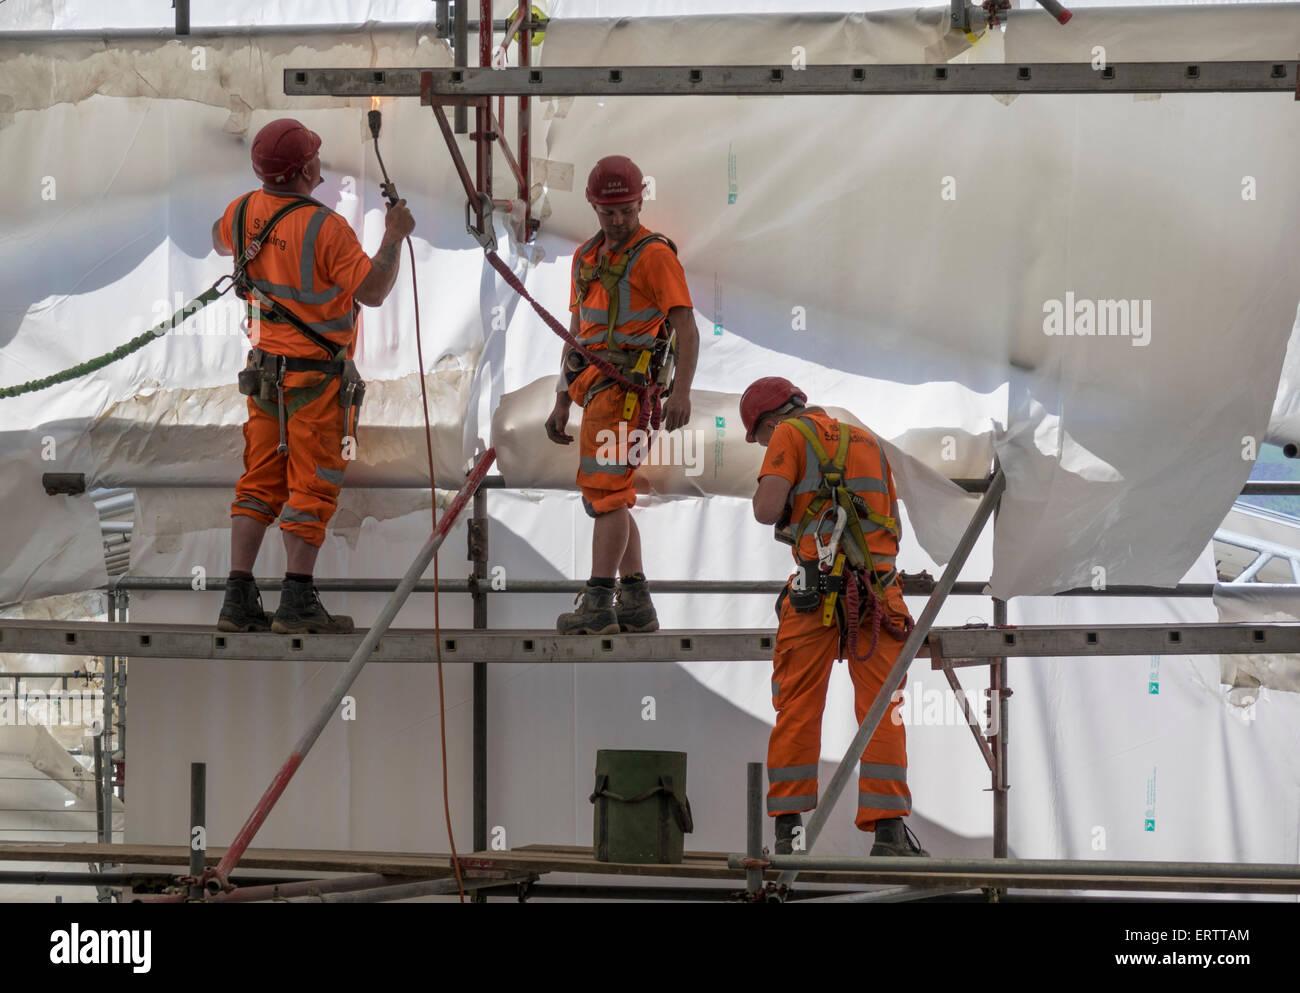 Los trabajadores de la construcción levantando los andamios y encerrarla en la tienda plástica para protegerlo Imagen De Stock